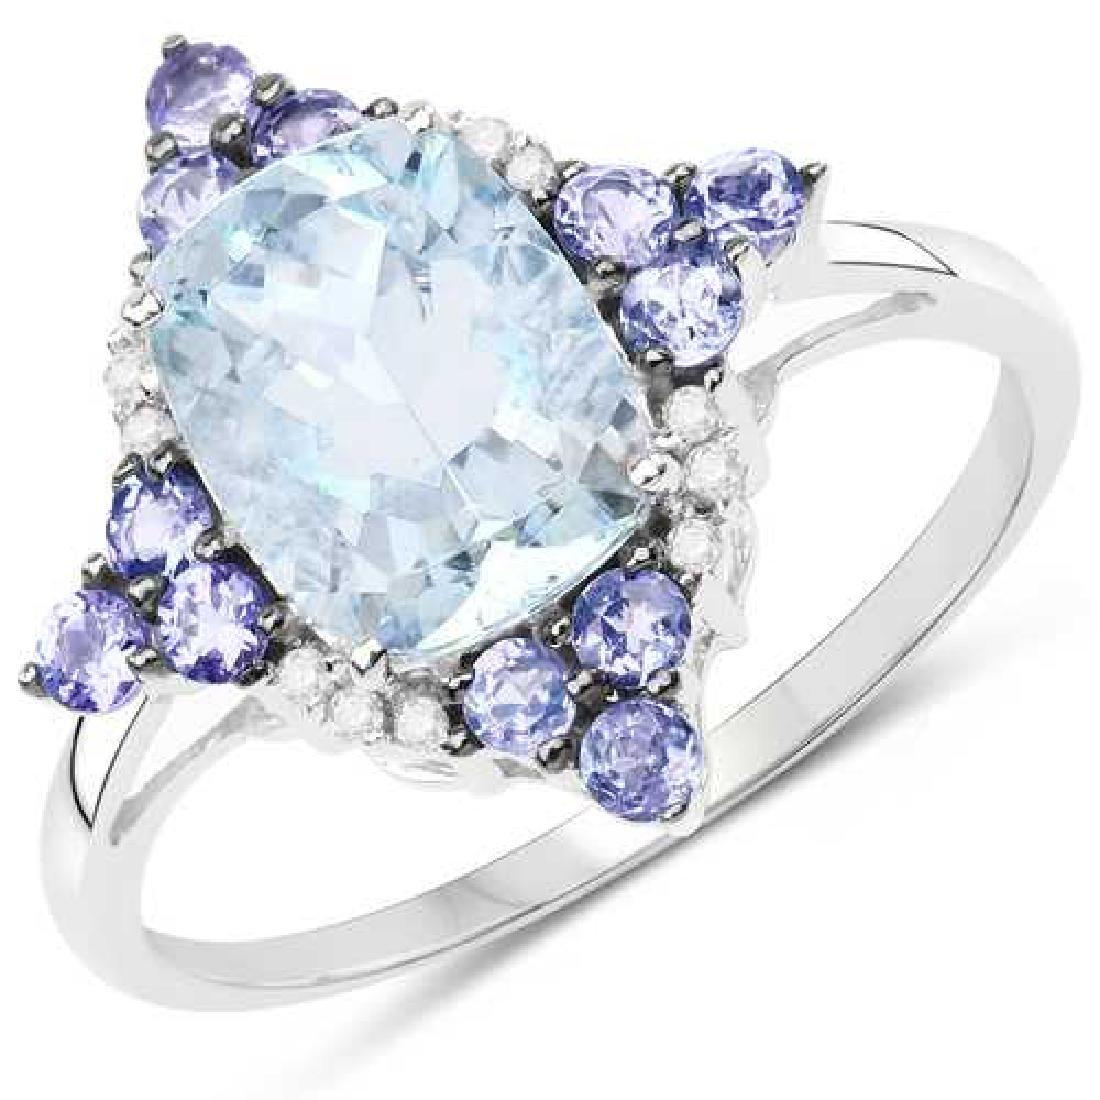 2.25 CTW Genuine Aquamarine Tanzanite and White Diamond